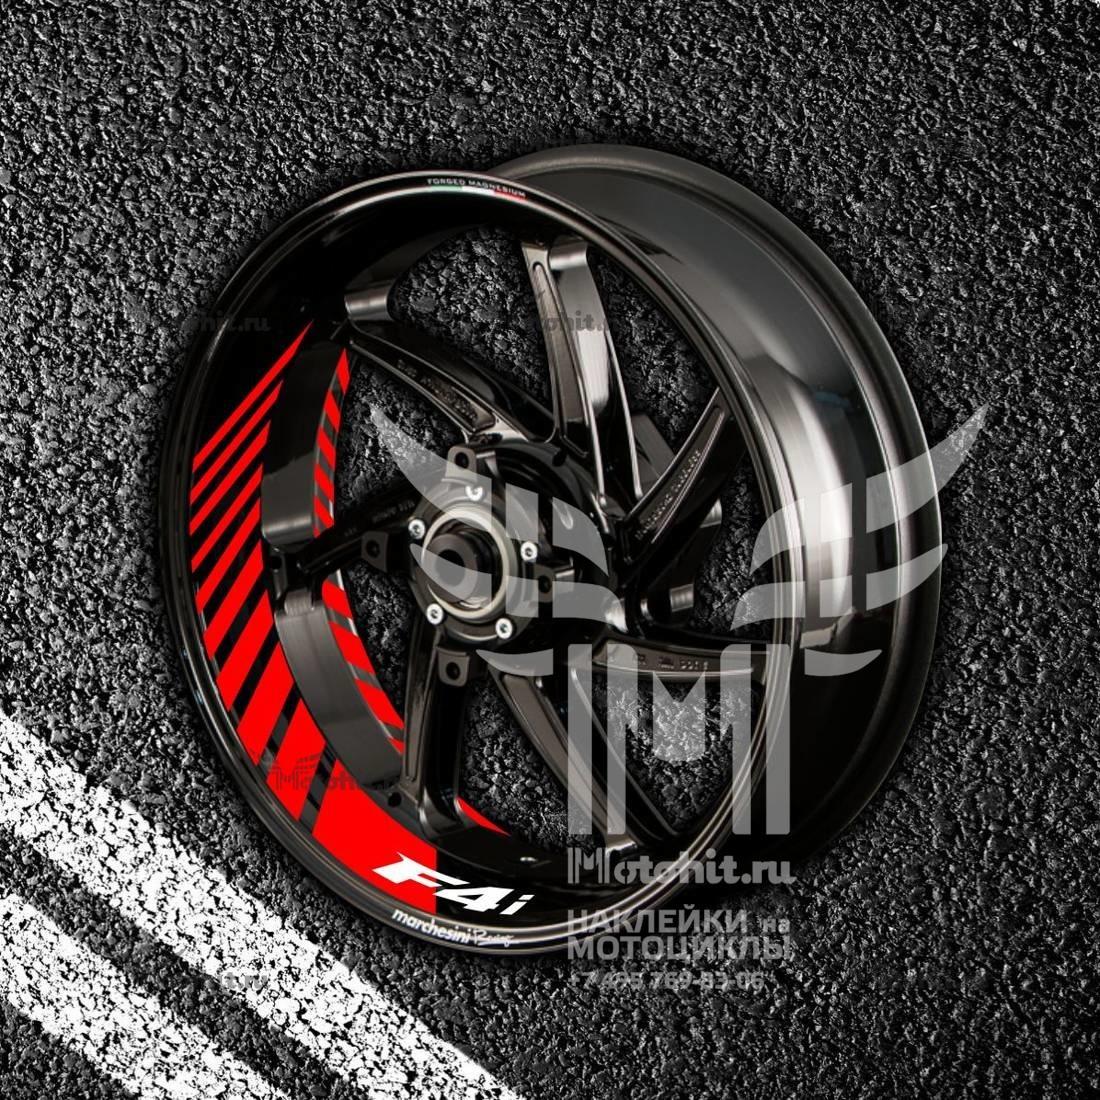 Комплект наклеек с полосами на колеса мотоцикла HONDA F4i